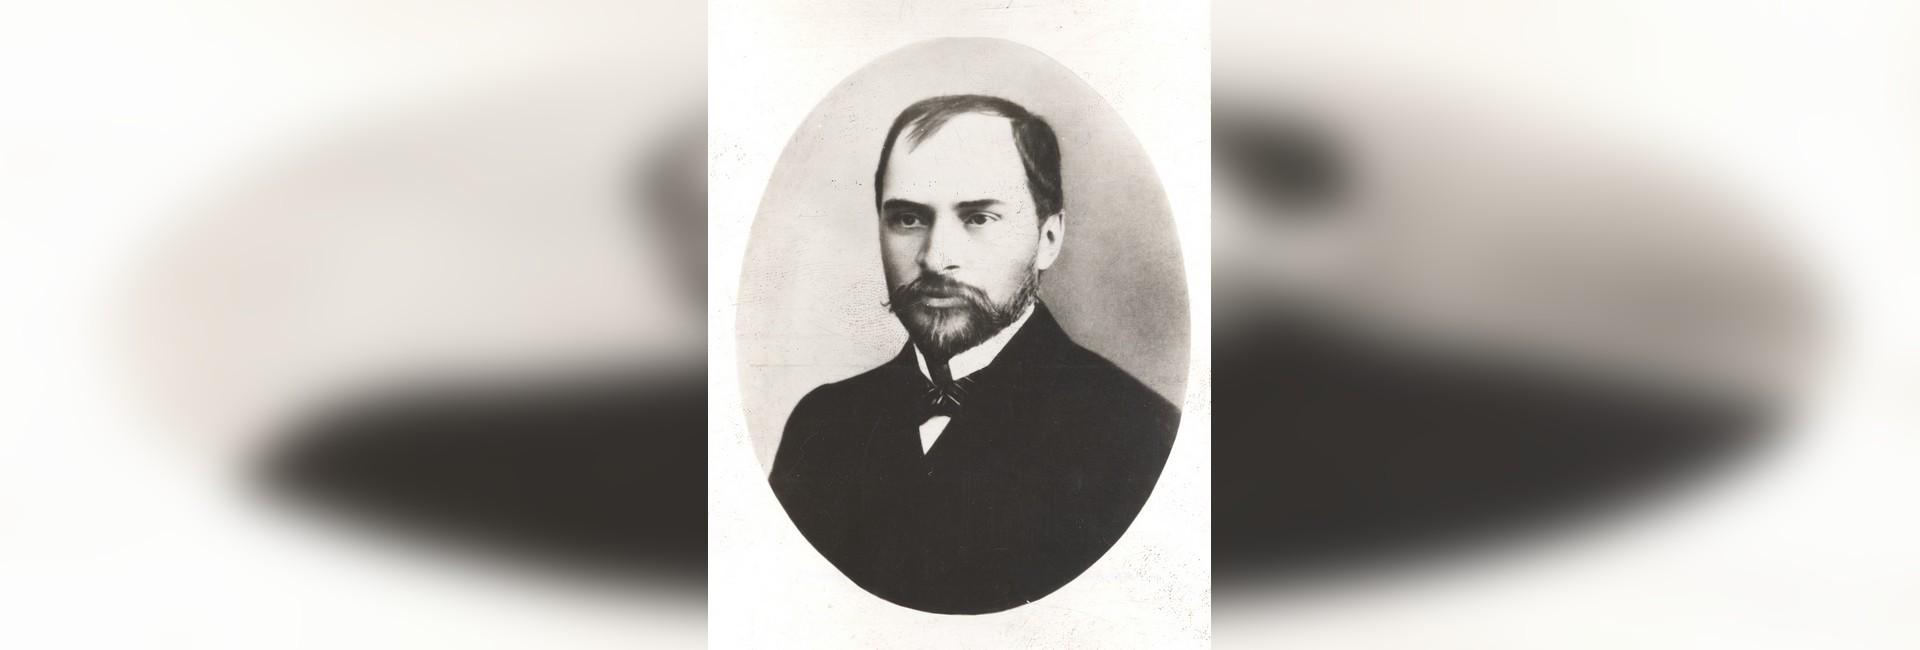 serie de autor George Coşbuc Cântec poezie românească sărac vs. bogat slider